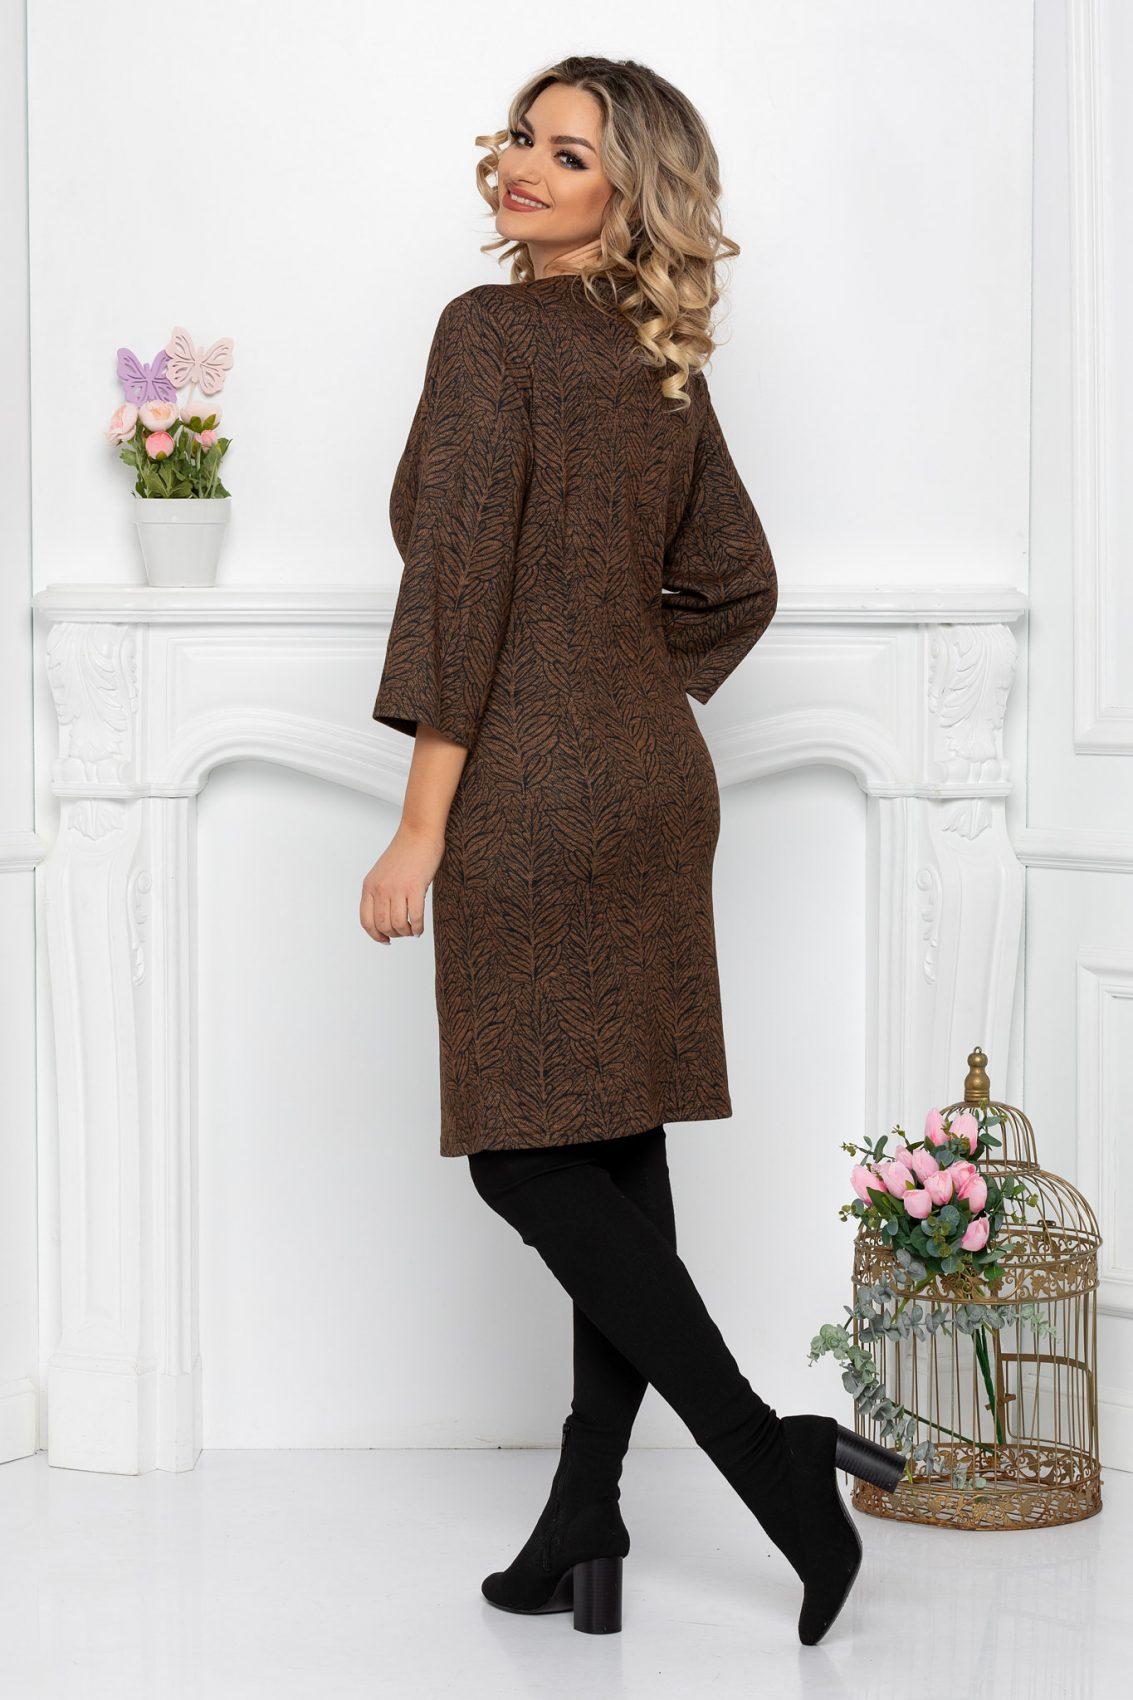 Καφέ Πλεκτό Φόρεμα Ilaria 9349 2